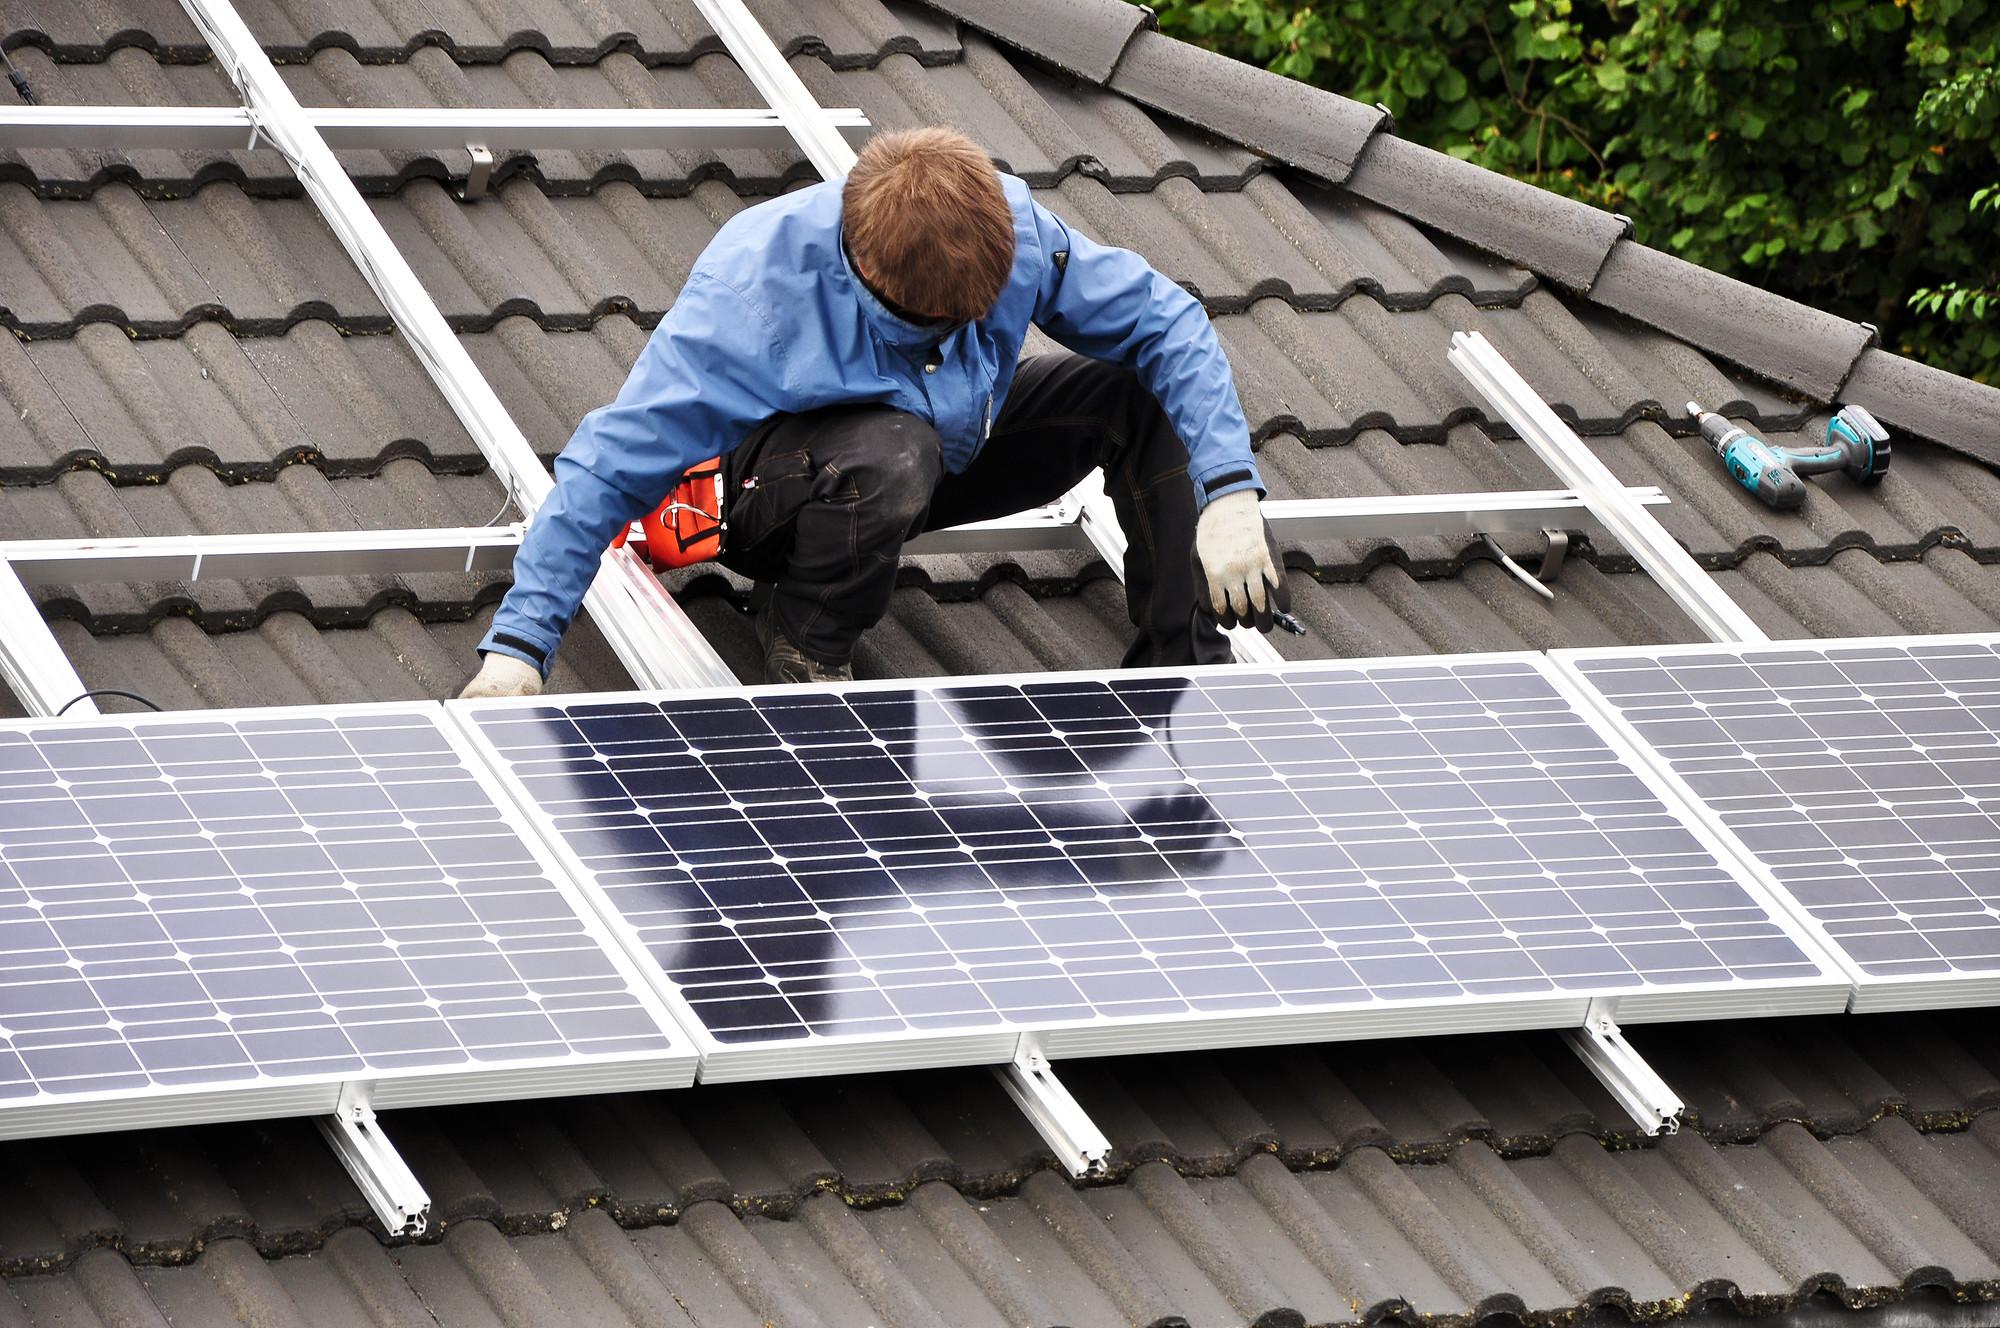 España: Aparecen una serie de trabas para la auto-producción de Energía en Viviendas Particulares